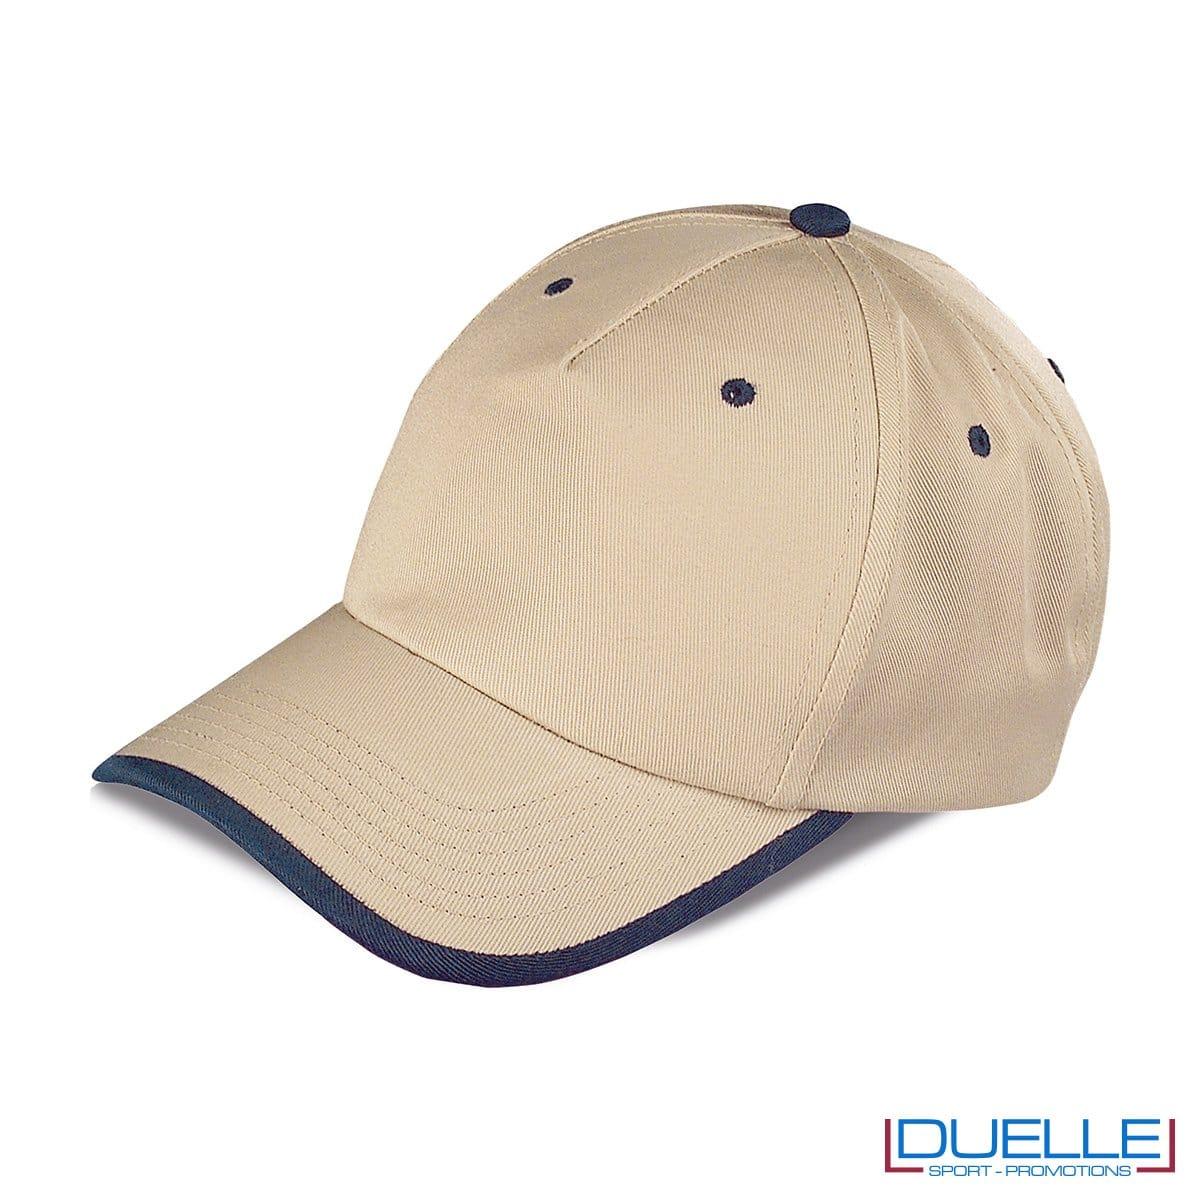 cappellino personalizzato a 5 pannelli con orlo a contrasto, colore kaki